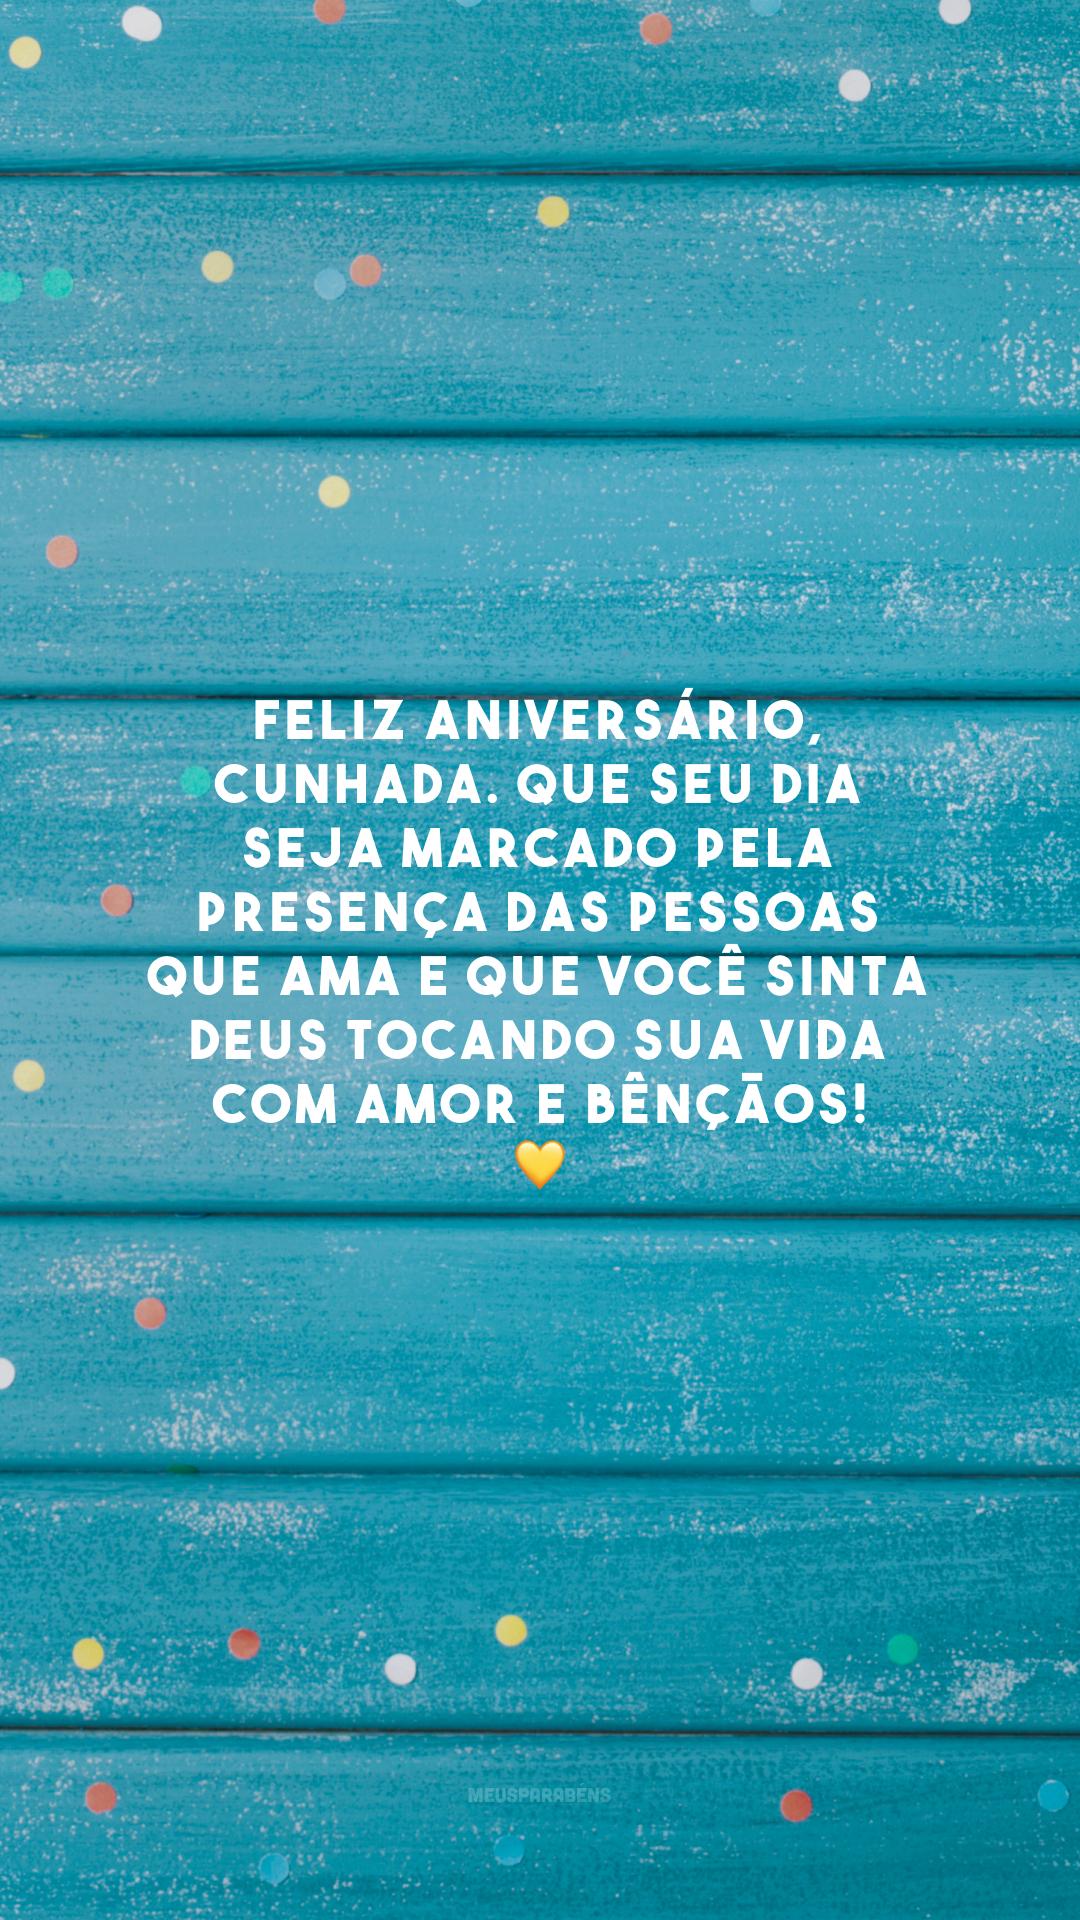 Feliz aniversário, cunhada. Que seu dia seja marcado pela presença das pessoas que ama e que você sinta Deus tocando sua vida com amor e bênçãos! 💛